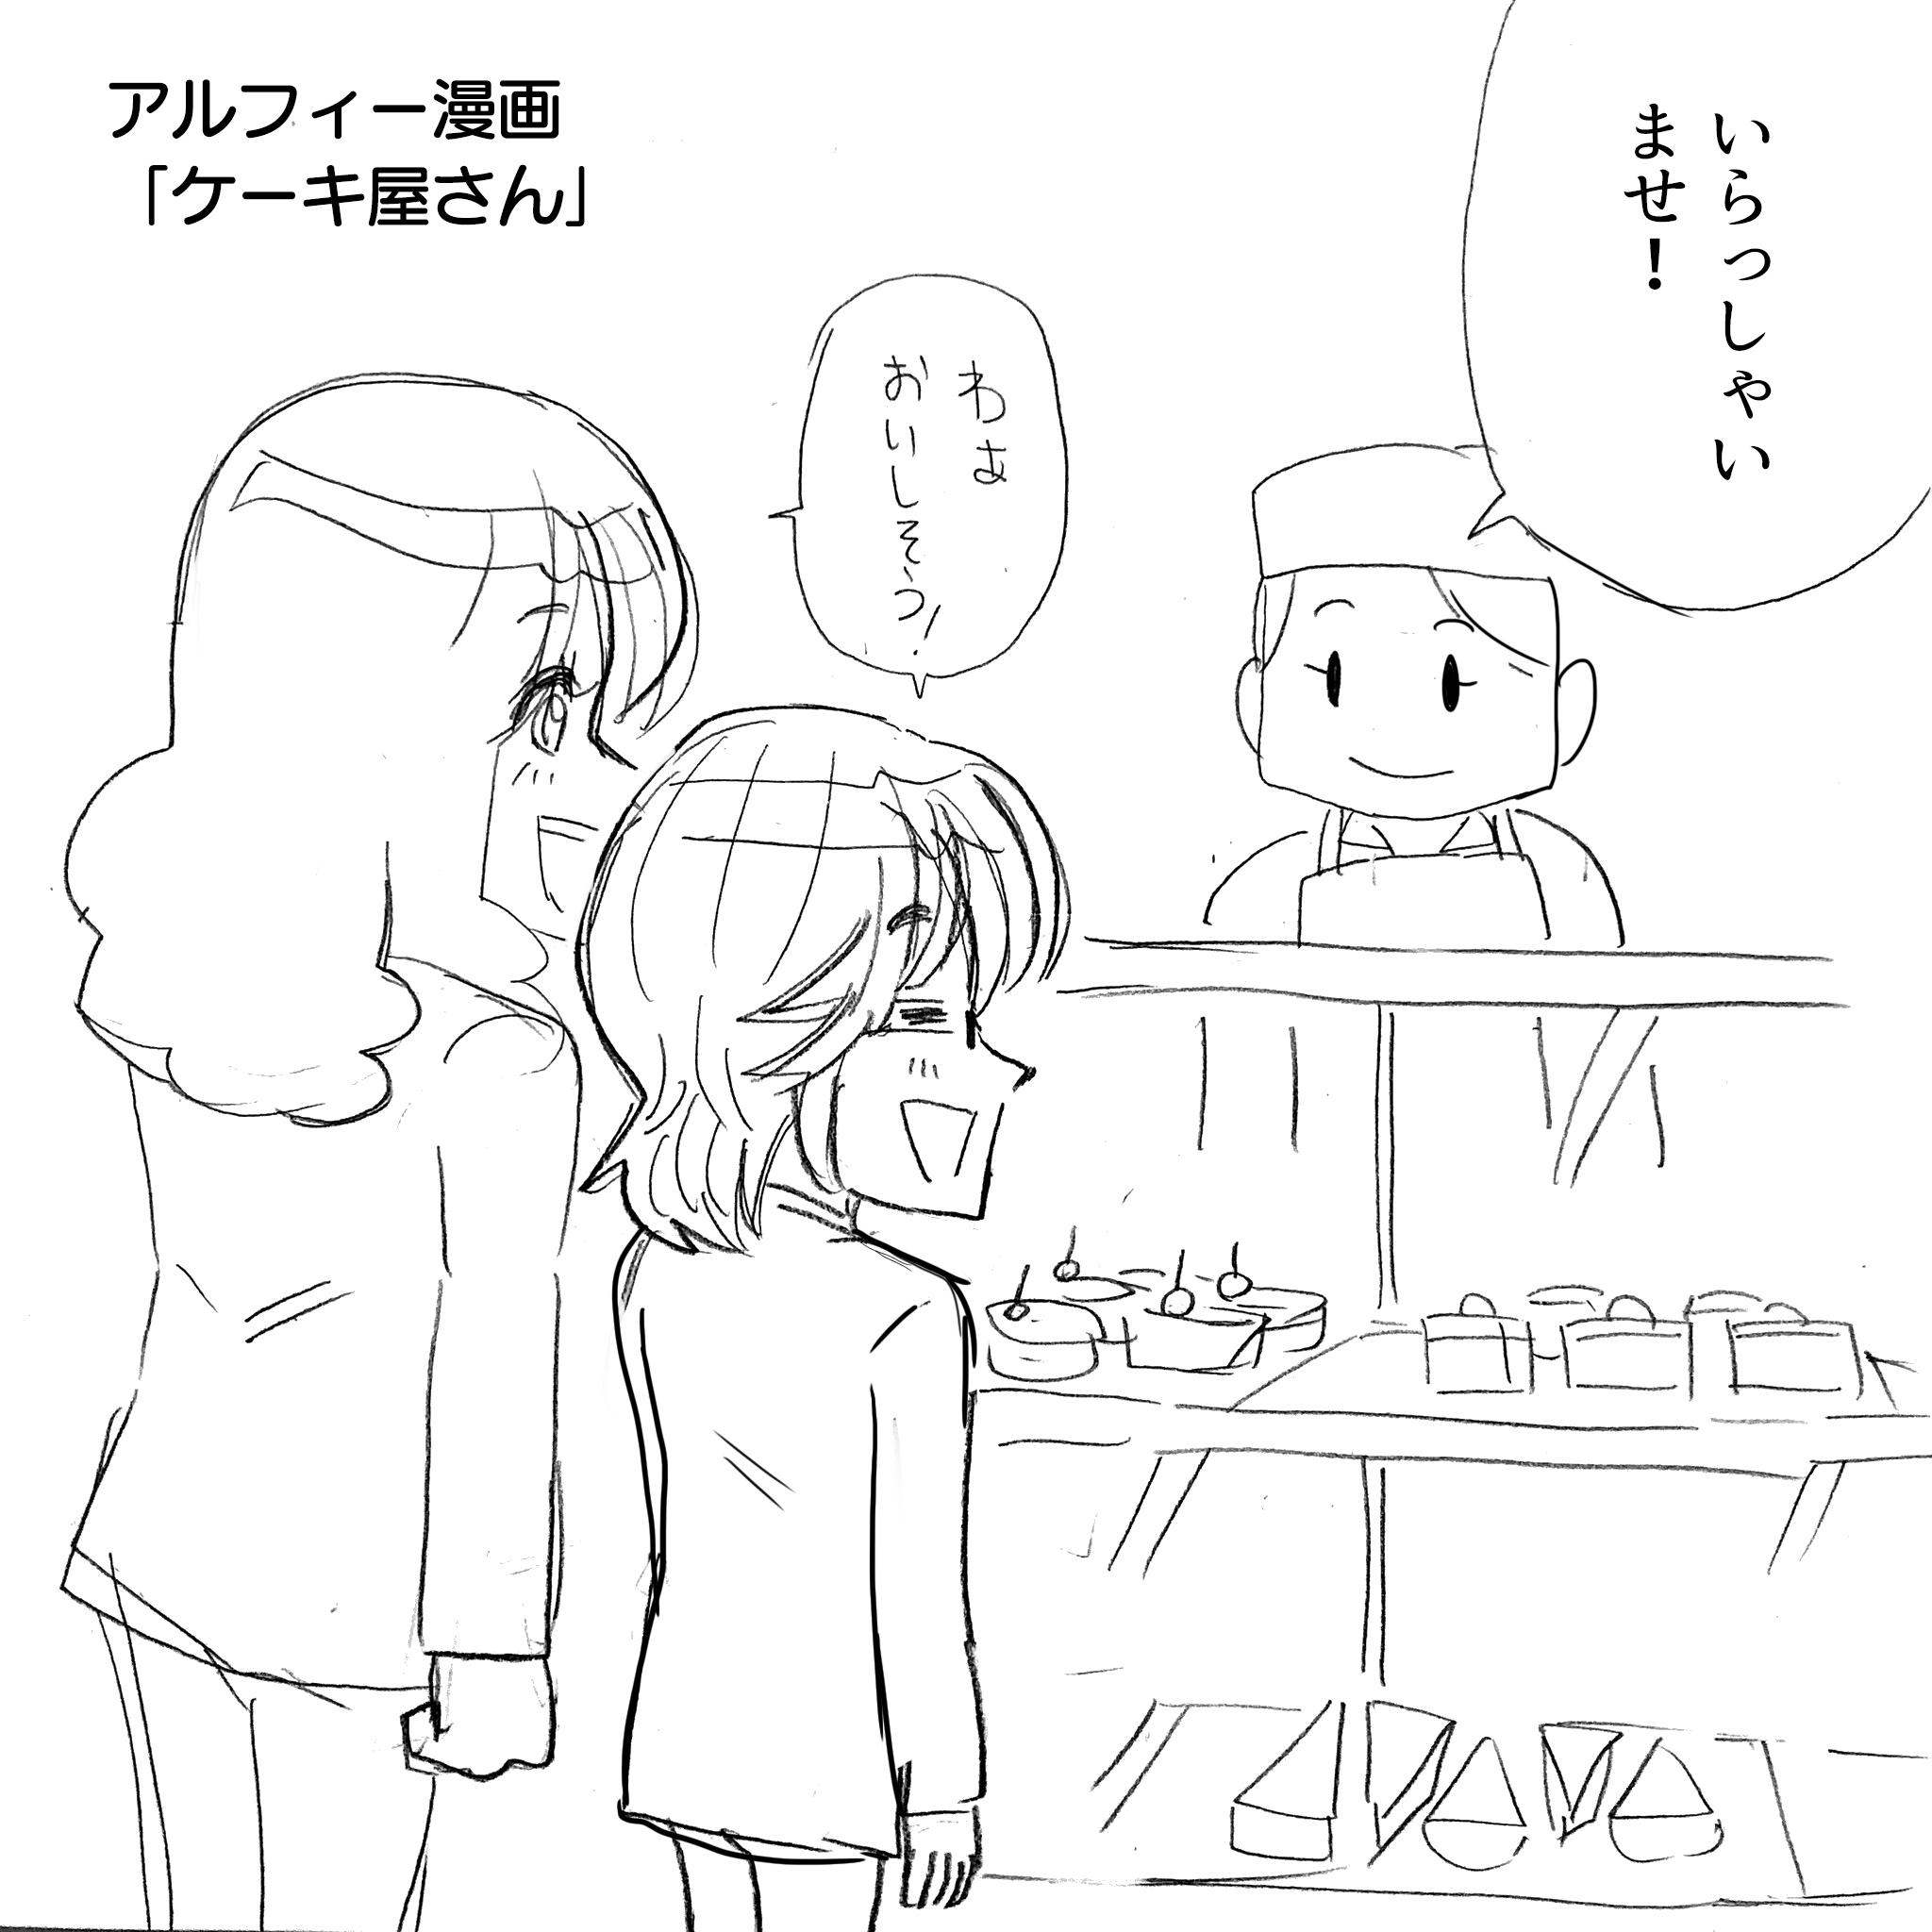 アルフィーとケーキ屋さん1